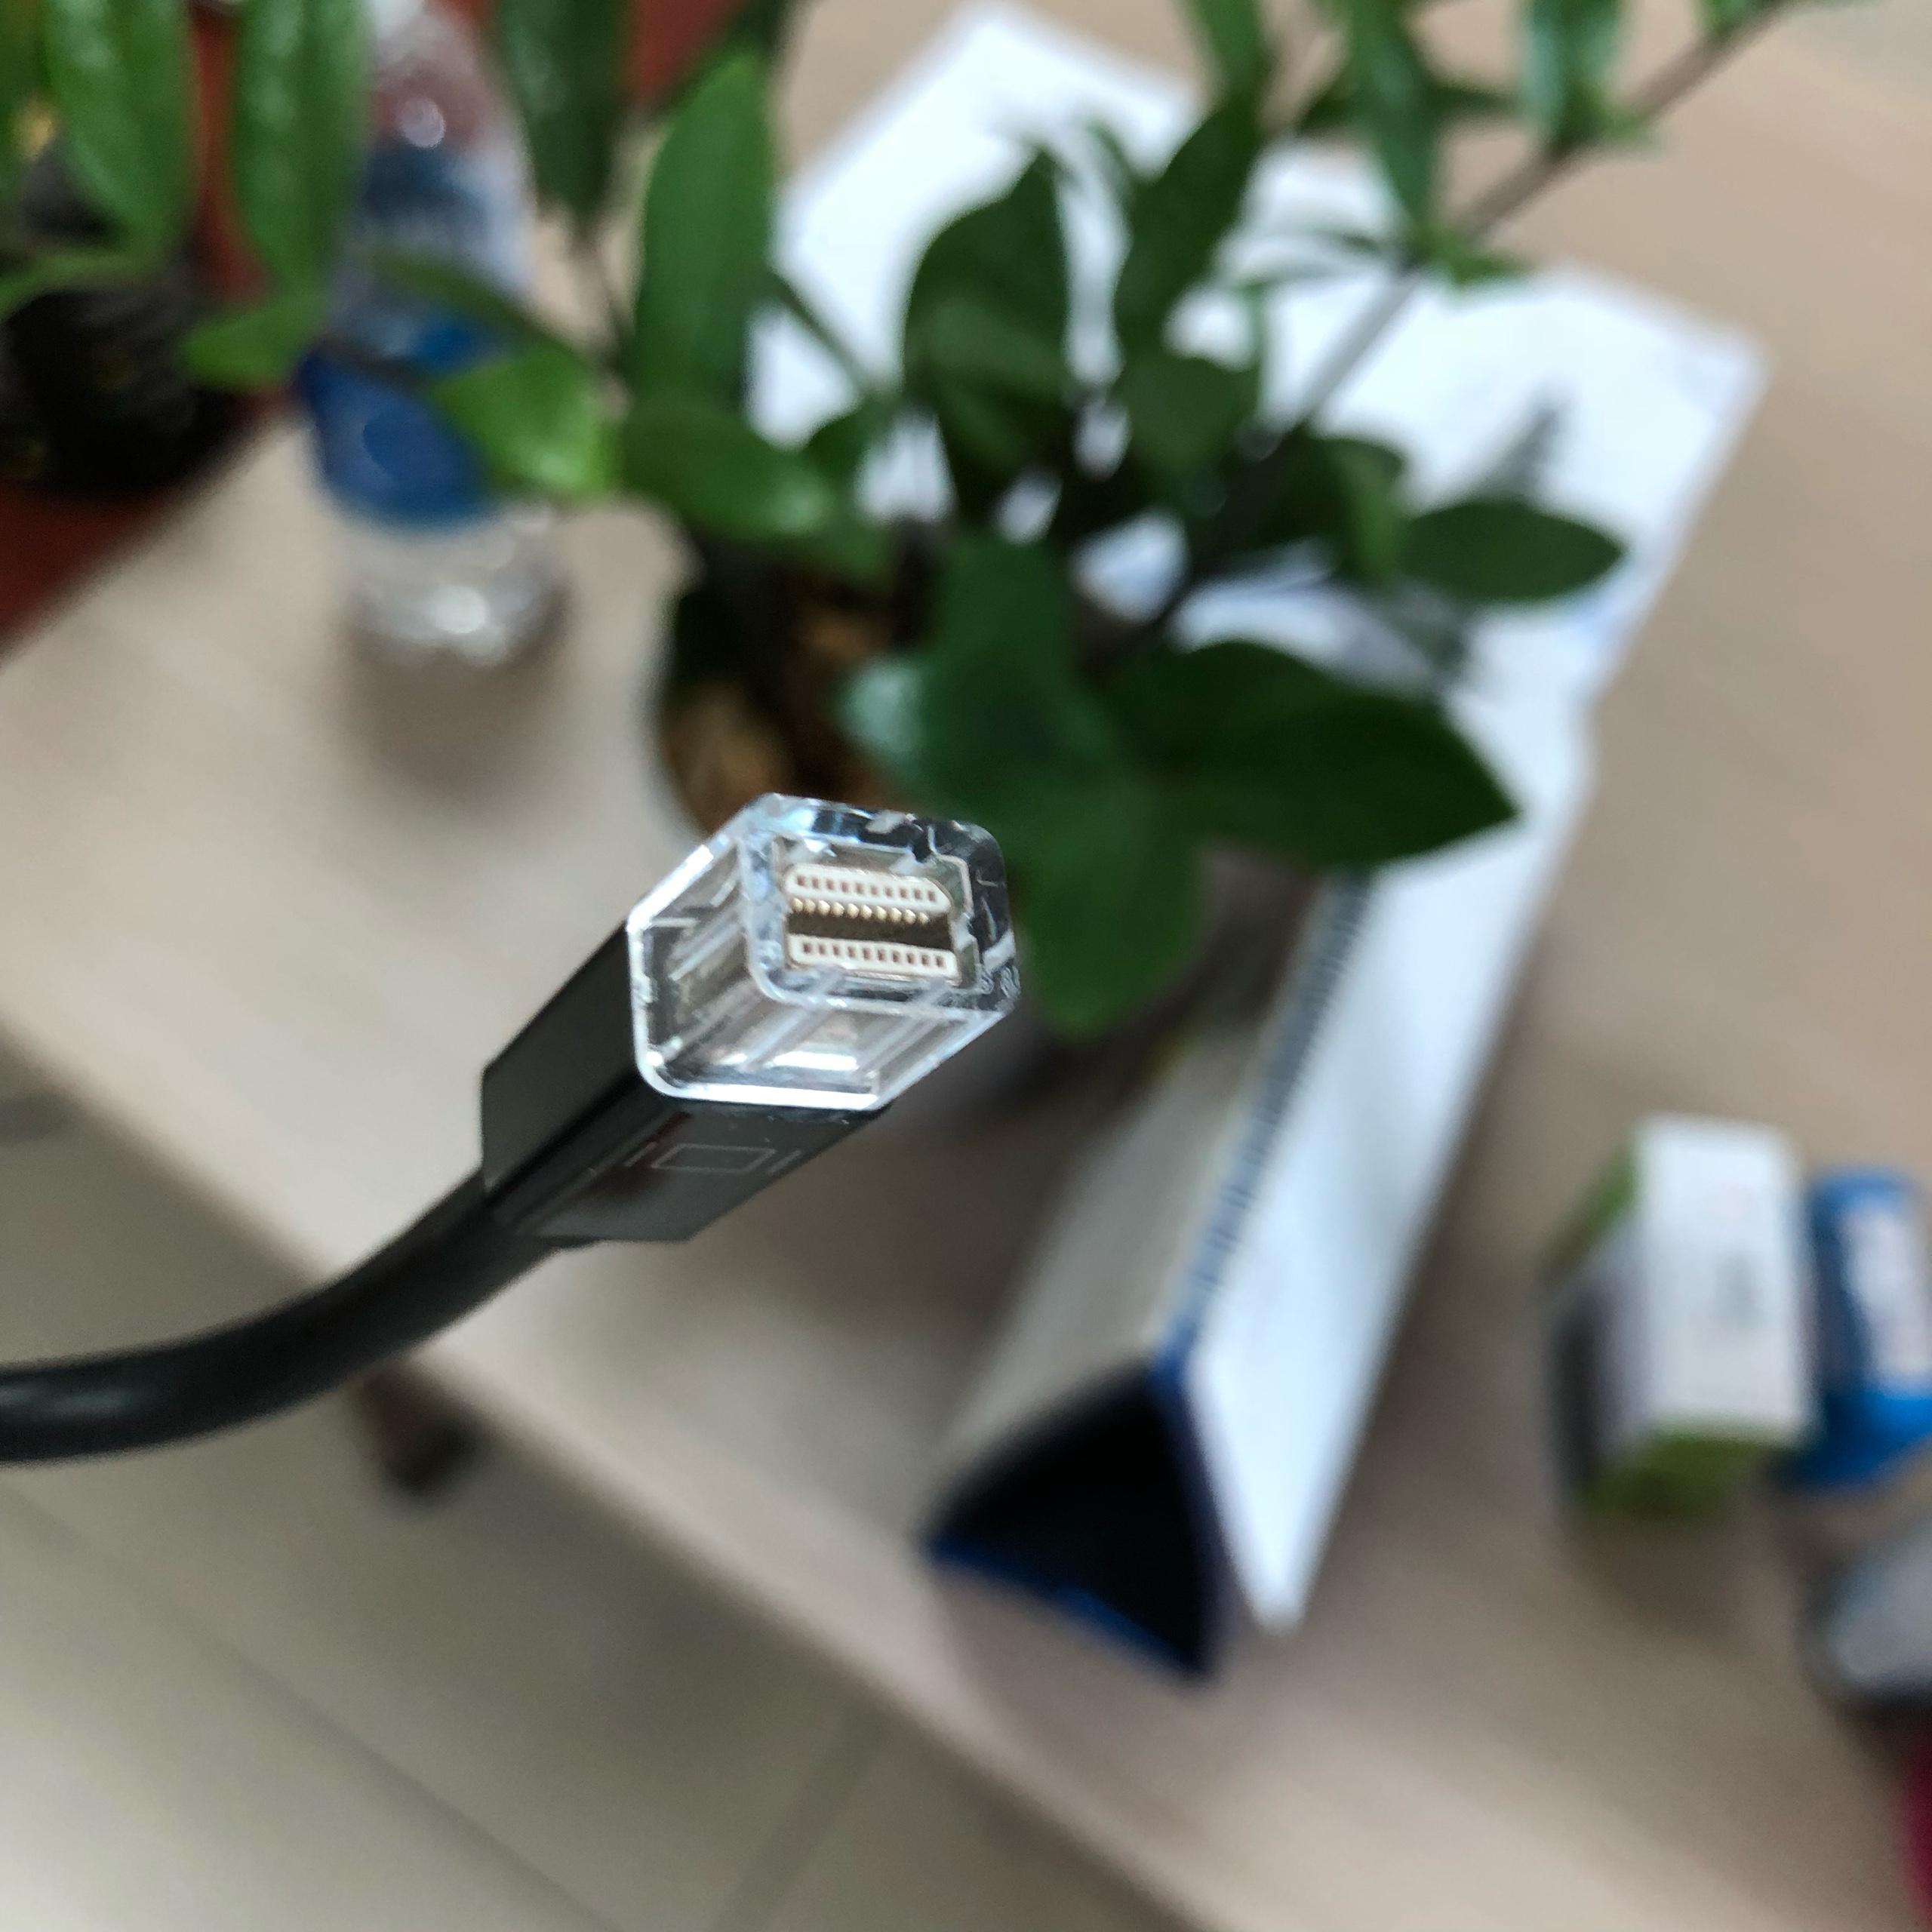 Hub Chuyển Đổi Từ Cổng Mini-DisplayPort Thunderbolt sang HDMI và VGA Philips 6